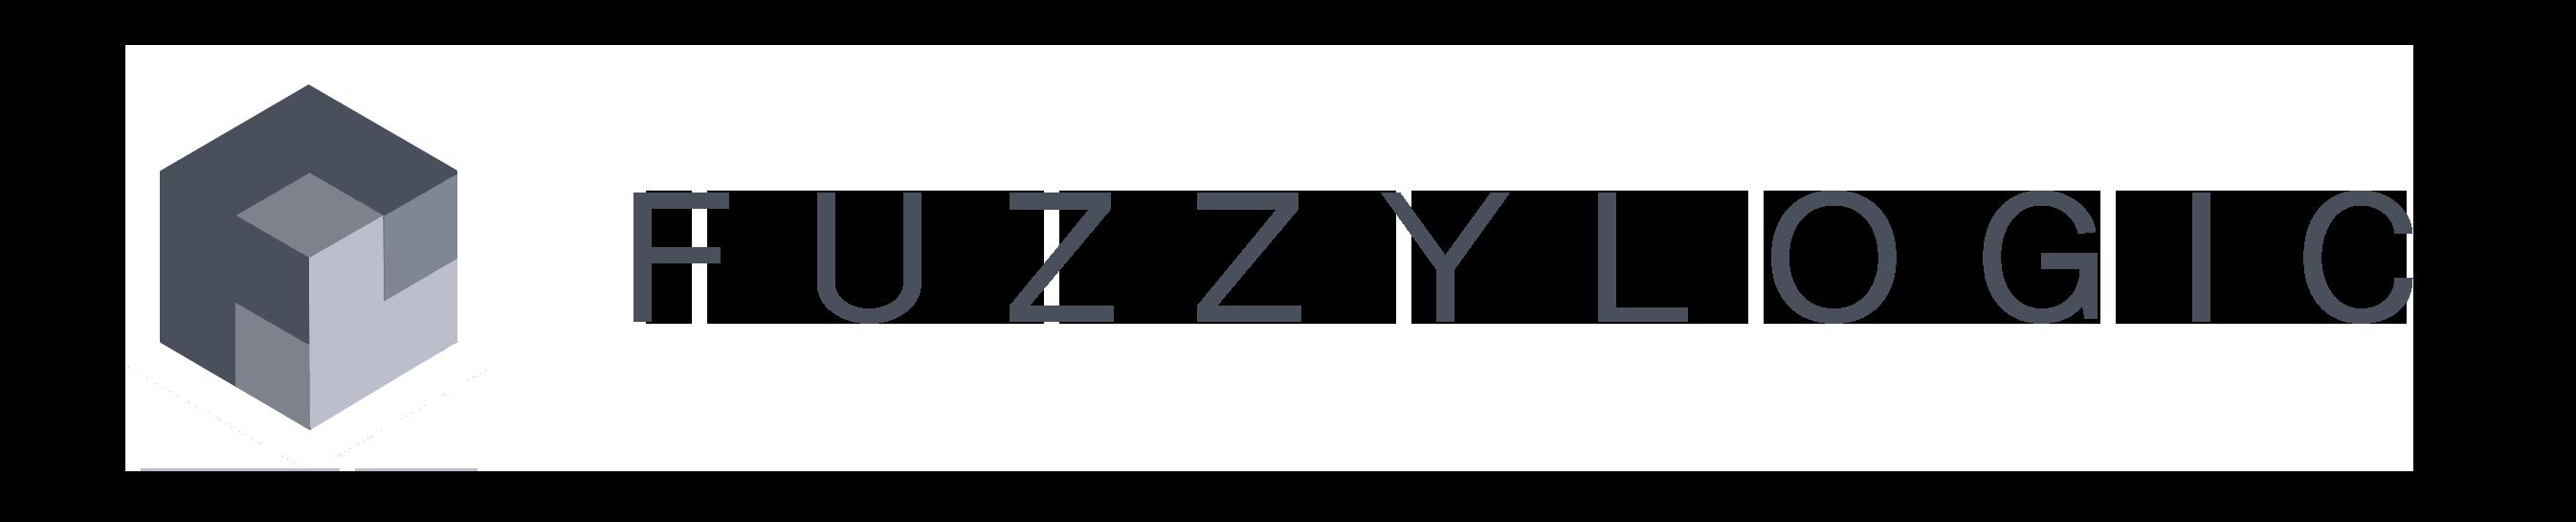 FuzzyLogo Logo